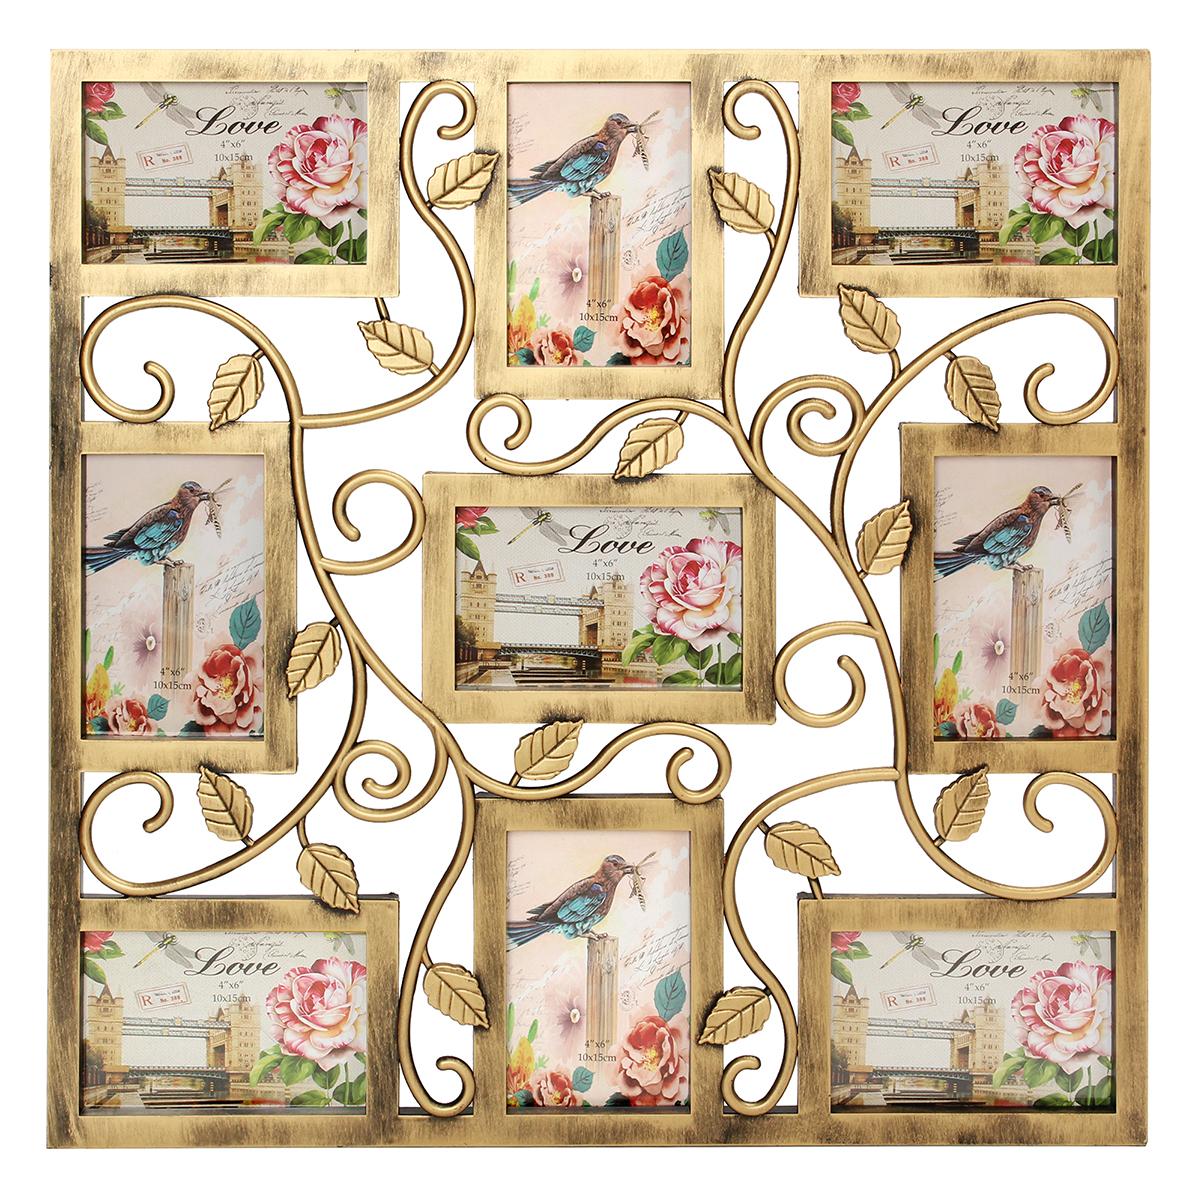 Бронзовая цветочная стена Висячие коллажи Фоторамки Изображение Дисплей Подарок Декор 6X4inch